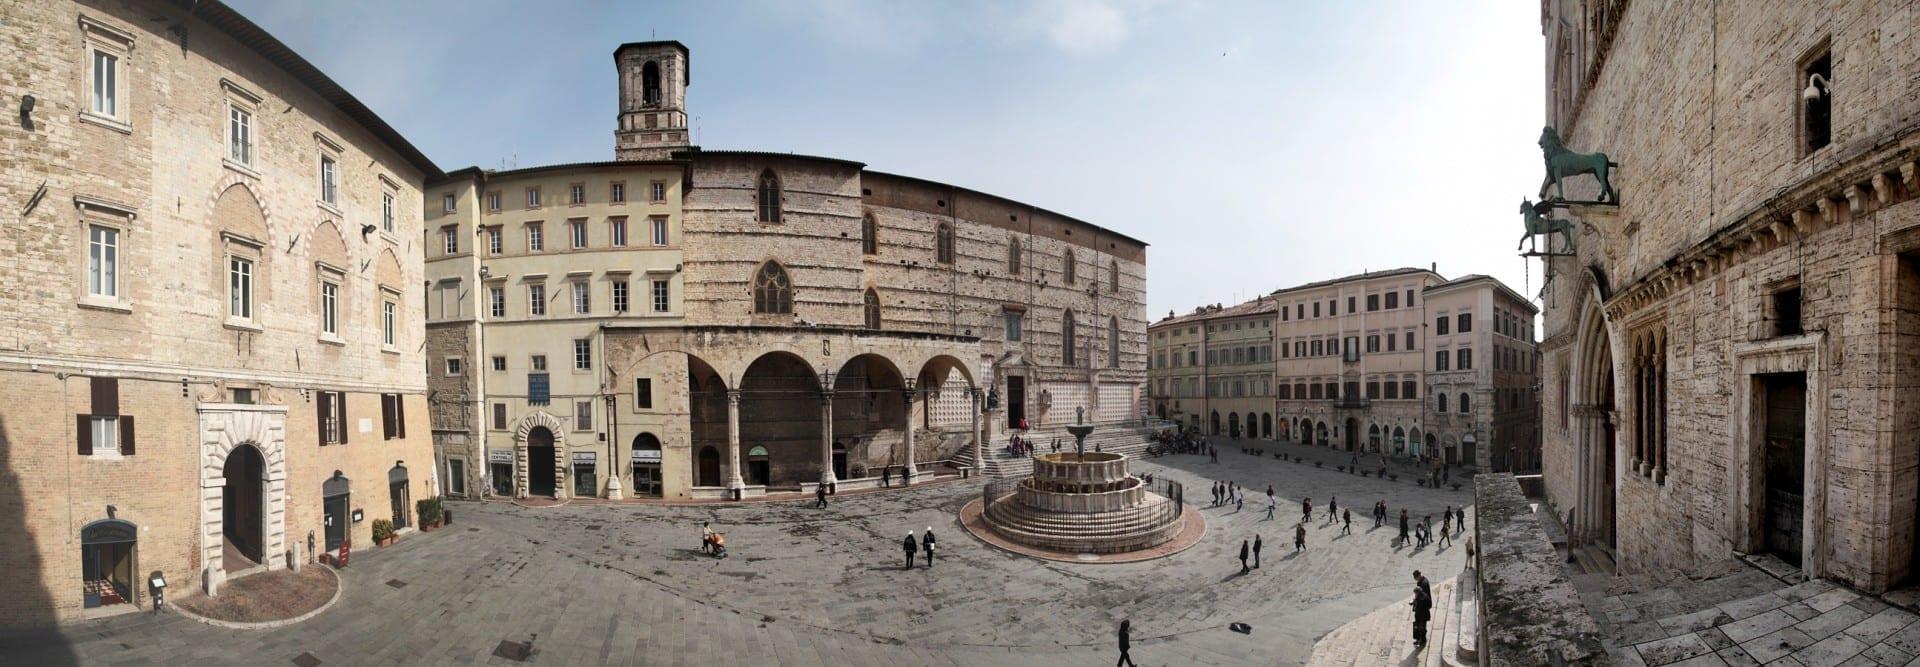 La Piazza IV novembre, la plaza central de Perugia, con la Fontana Maggiore en el centro Perugia Italia